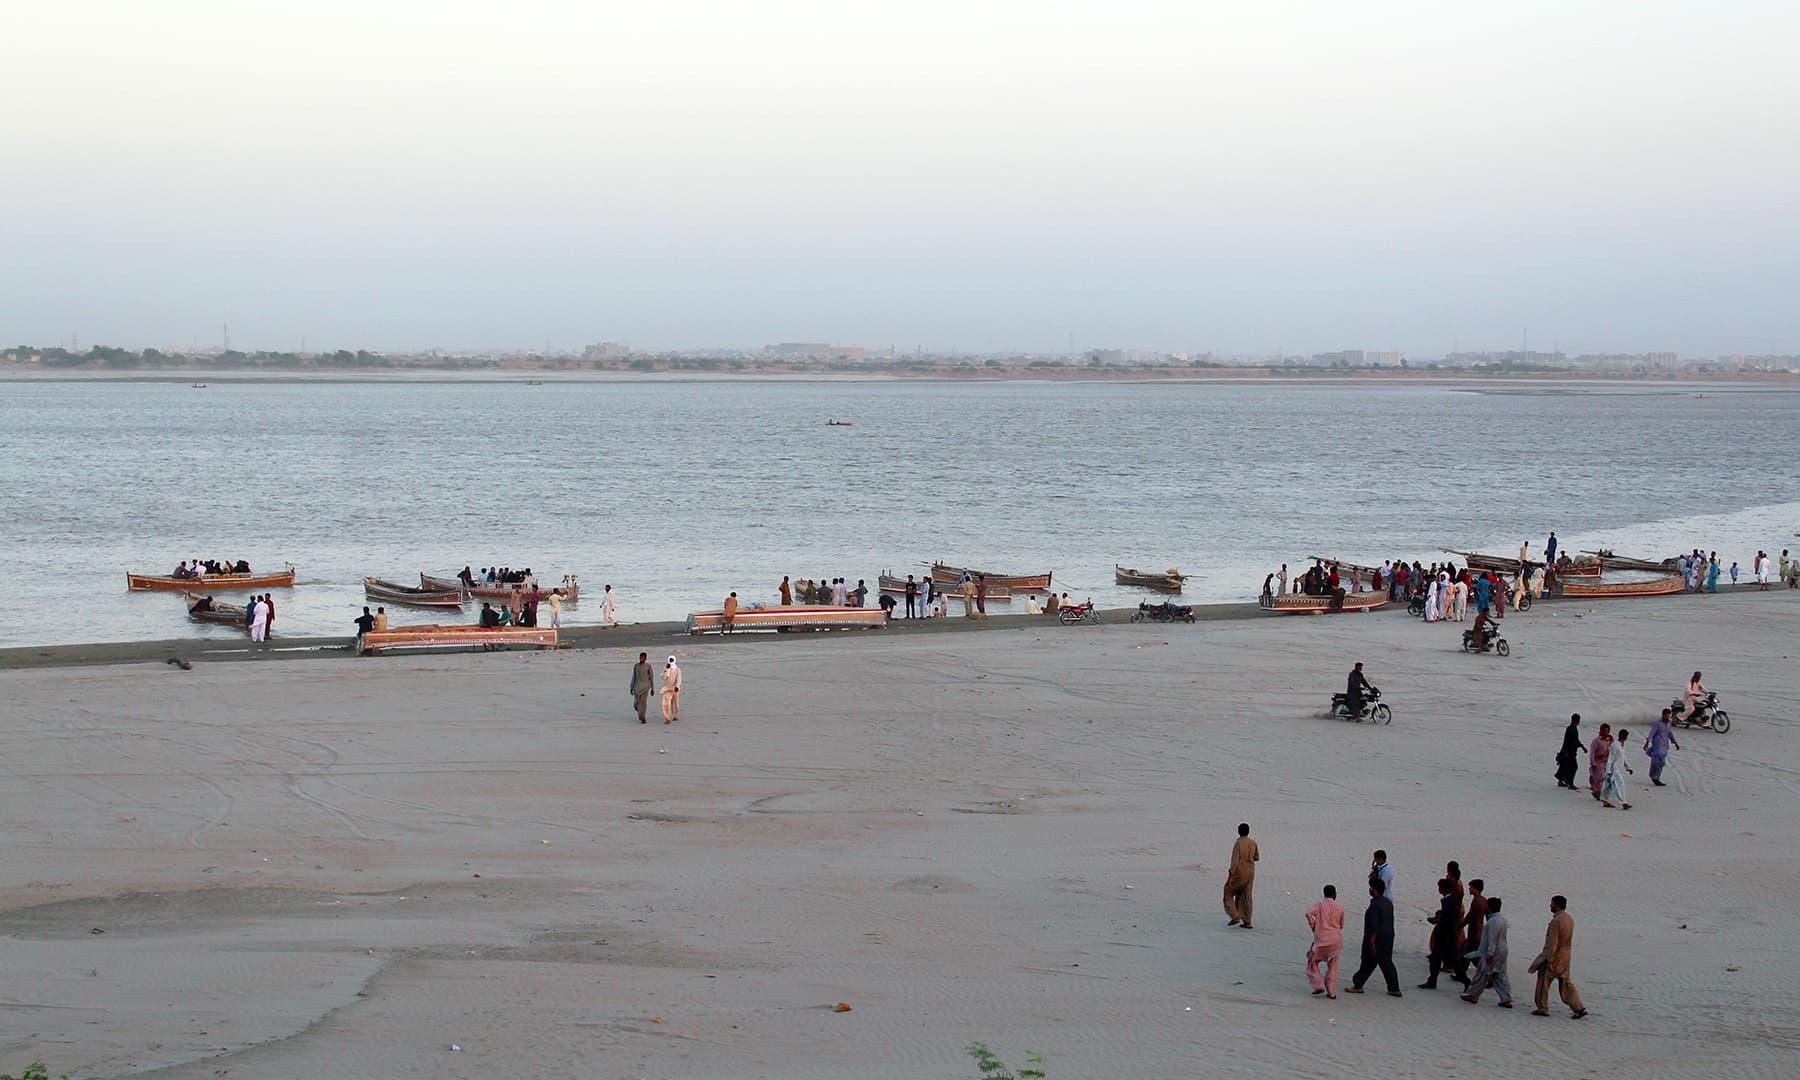 جامشورو میں دریائے سندھ کا کنارا حیدرآباد کے لوگوں کی سیر و تفریح کا مرکز ہے۔— فوٹو اختر حفیظ